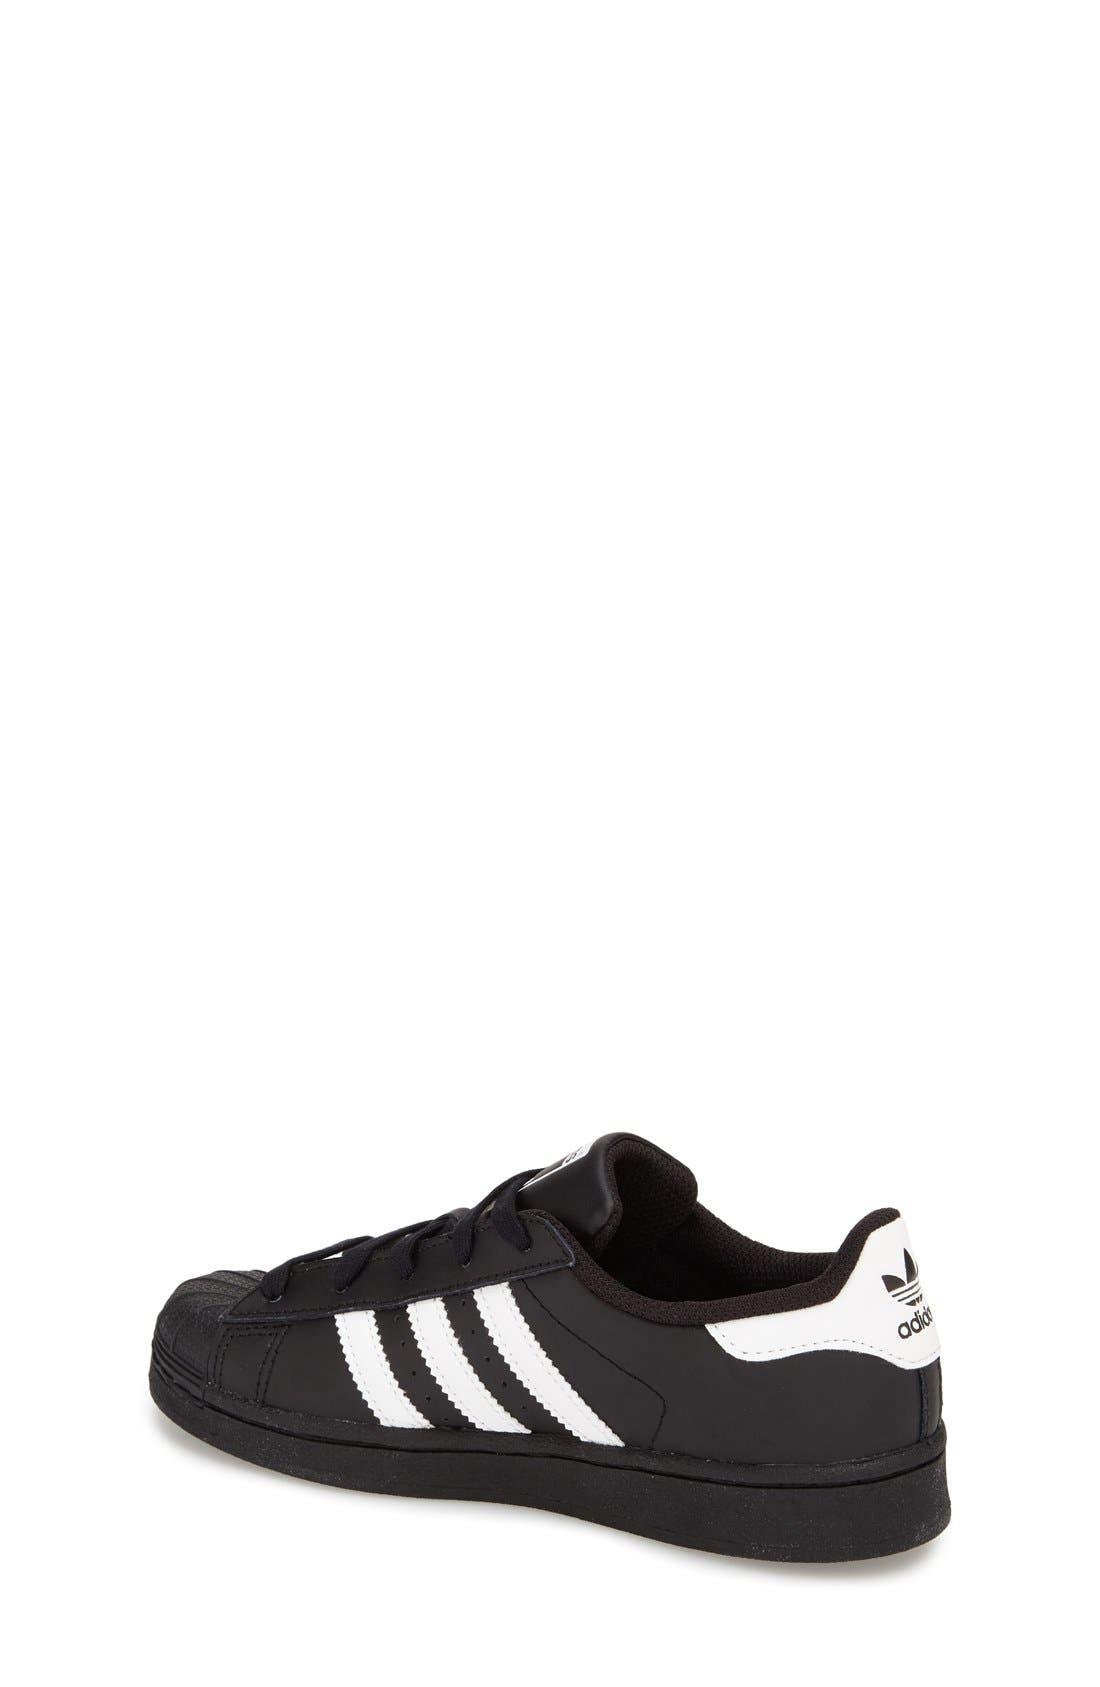 'Superstar' Sneaker,                             Alternate thumbnail 12, color,